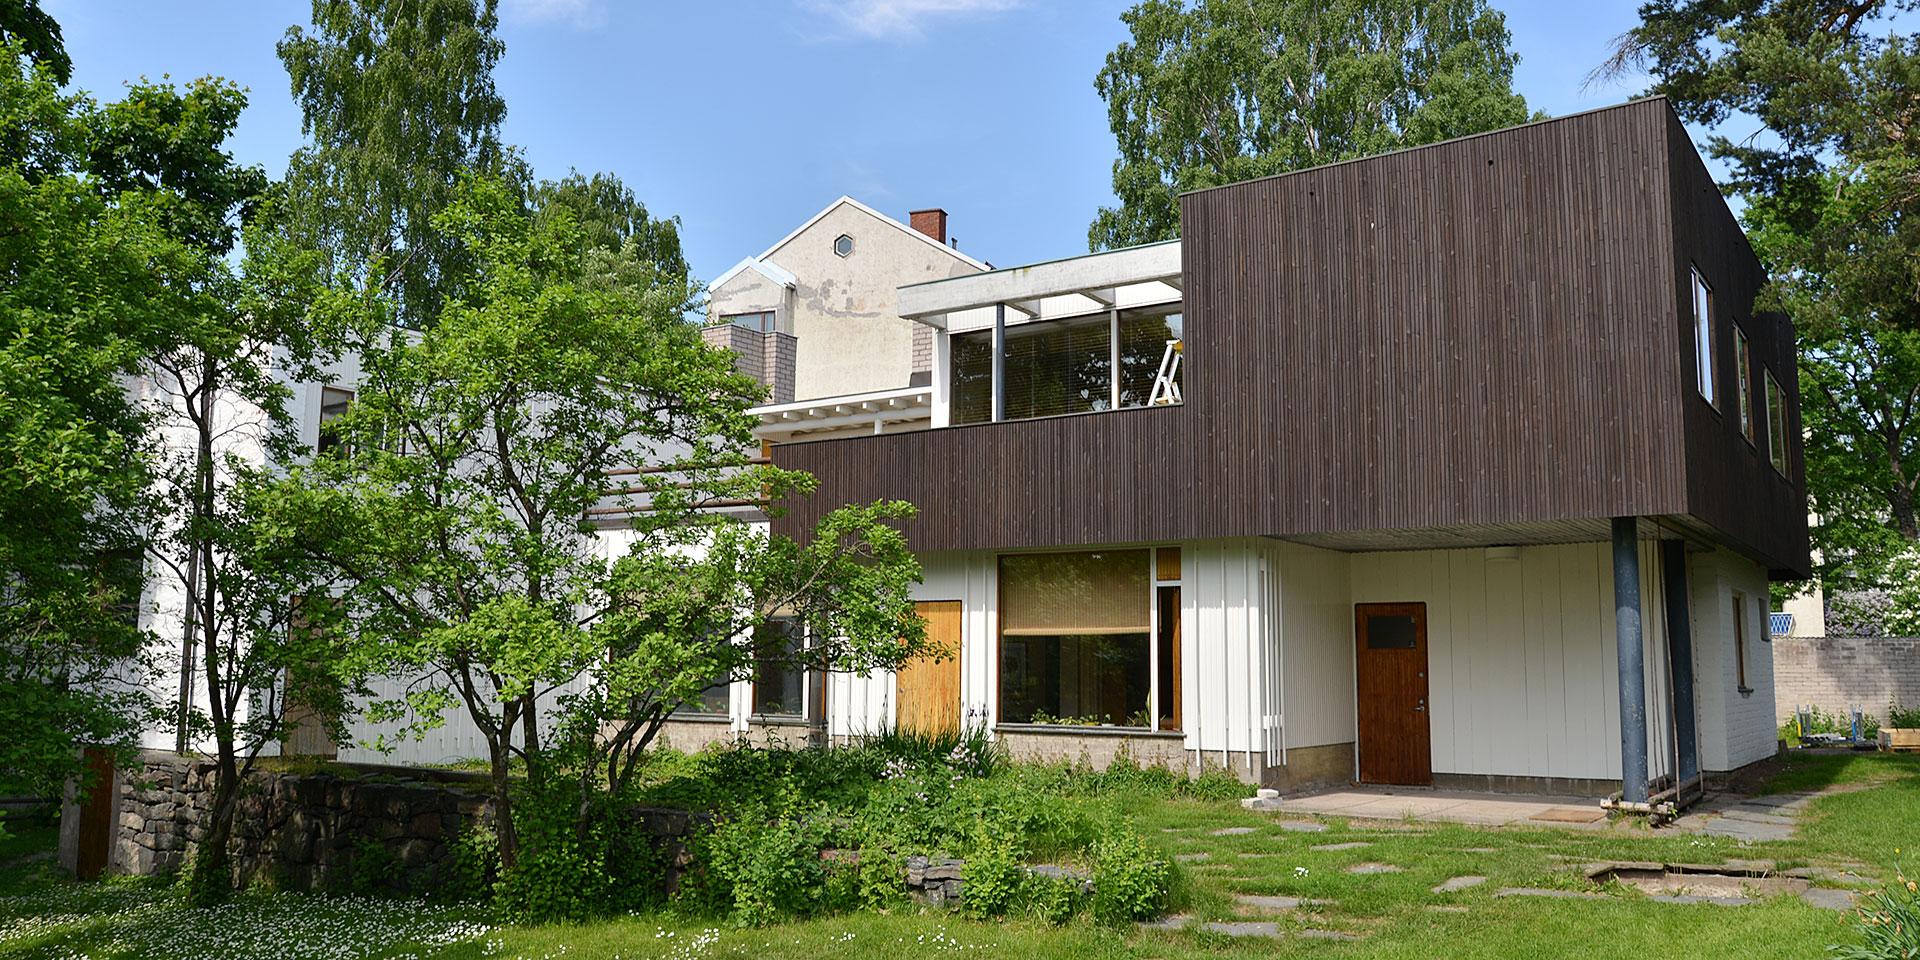 北欧フィーカ|フィンランド・ヘルシンキの旅|アルヴァ・アアルトとアイノ・アアルト。ふたりのアアルトを訪ねて。アアルト自邸へ。|Scandinavian fika.デンマーク・スウェーデン・フィンランド、北欧デザインの旅。